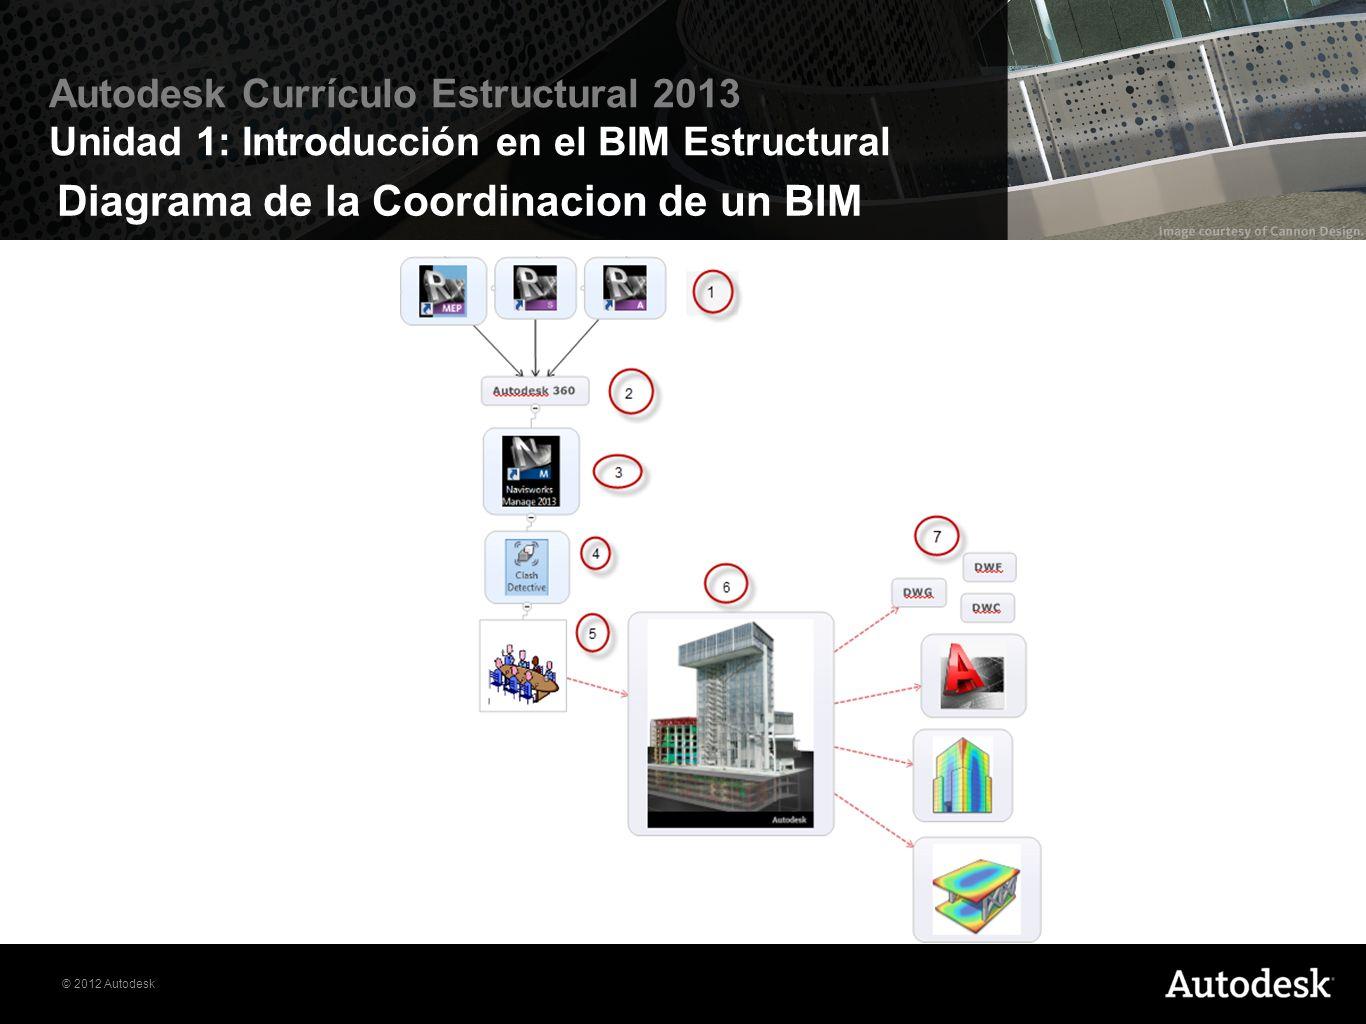 Diagrama de la Coordinacion de un BIM